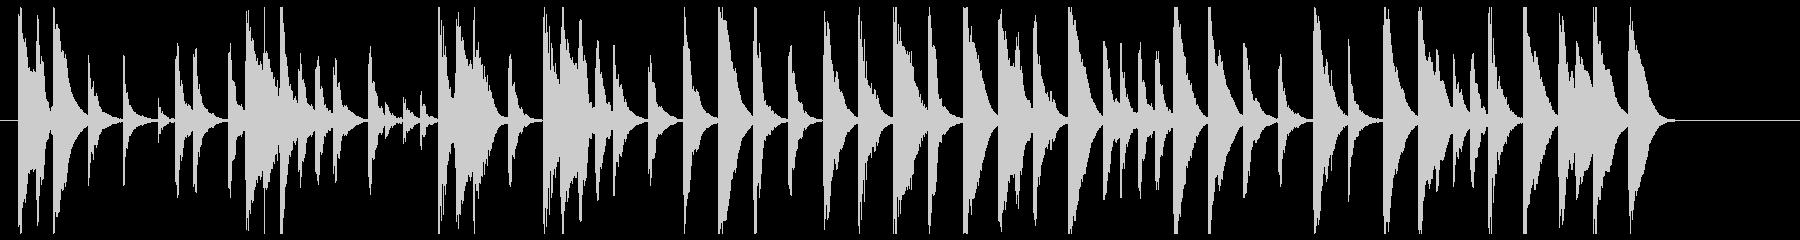 童話のような木琴のワルツの未再生の波形